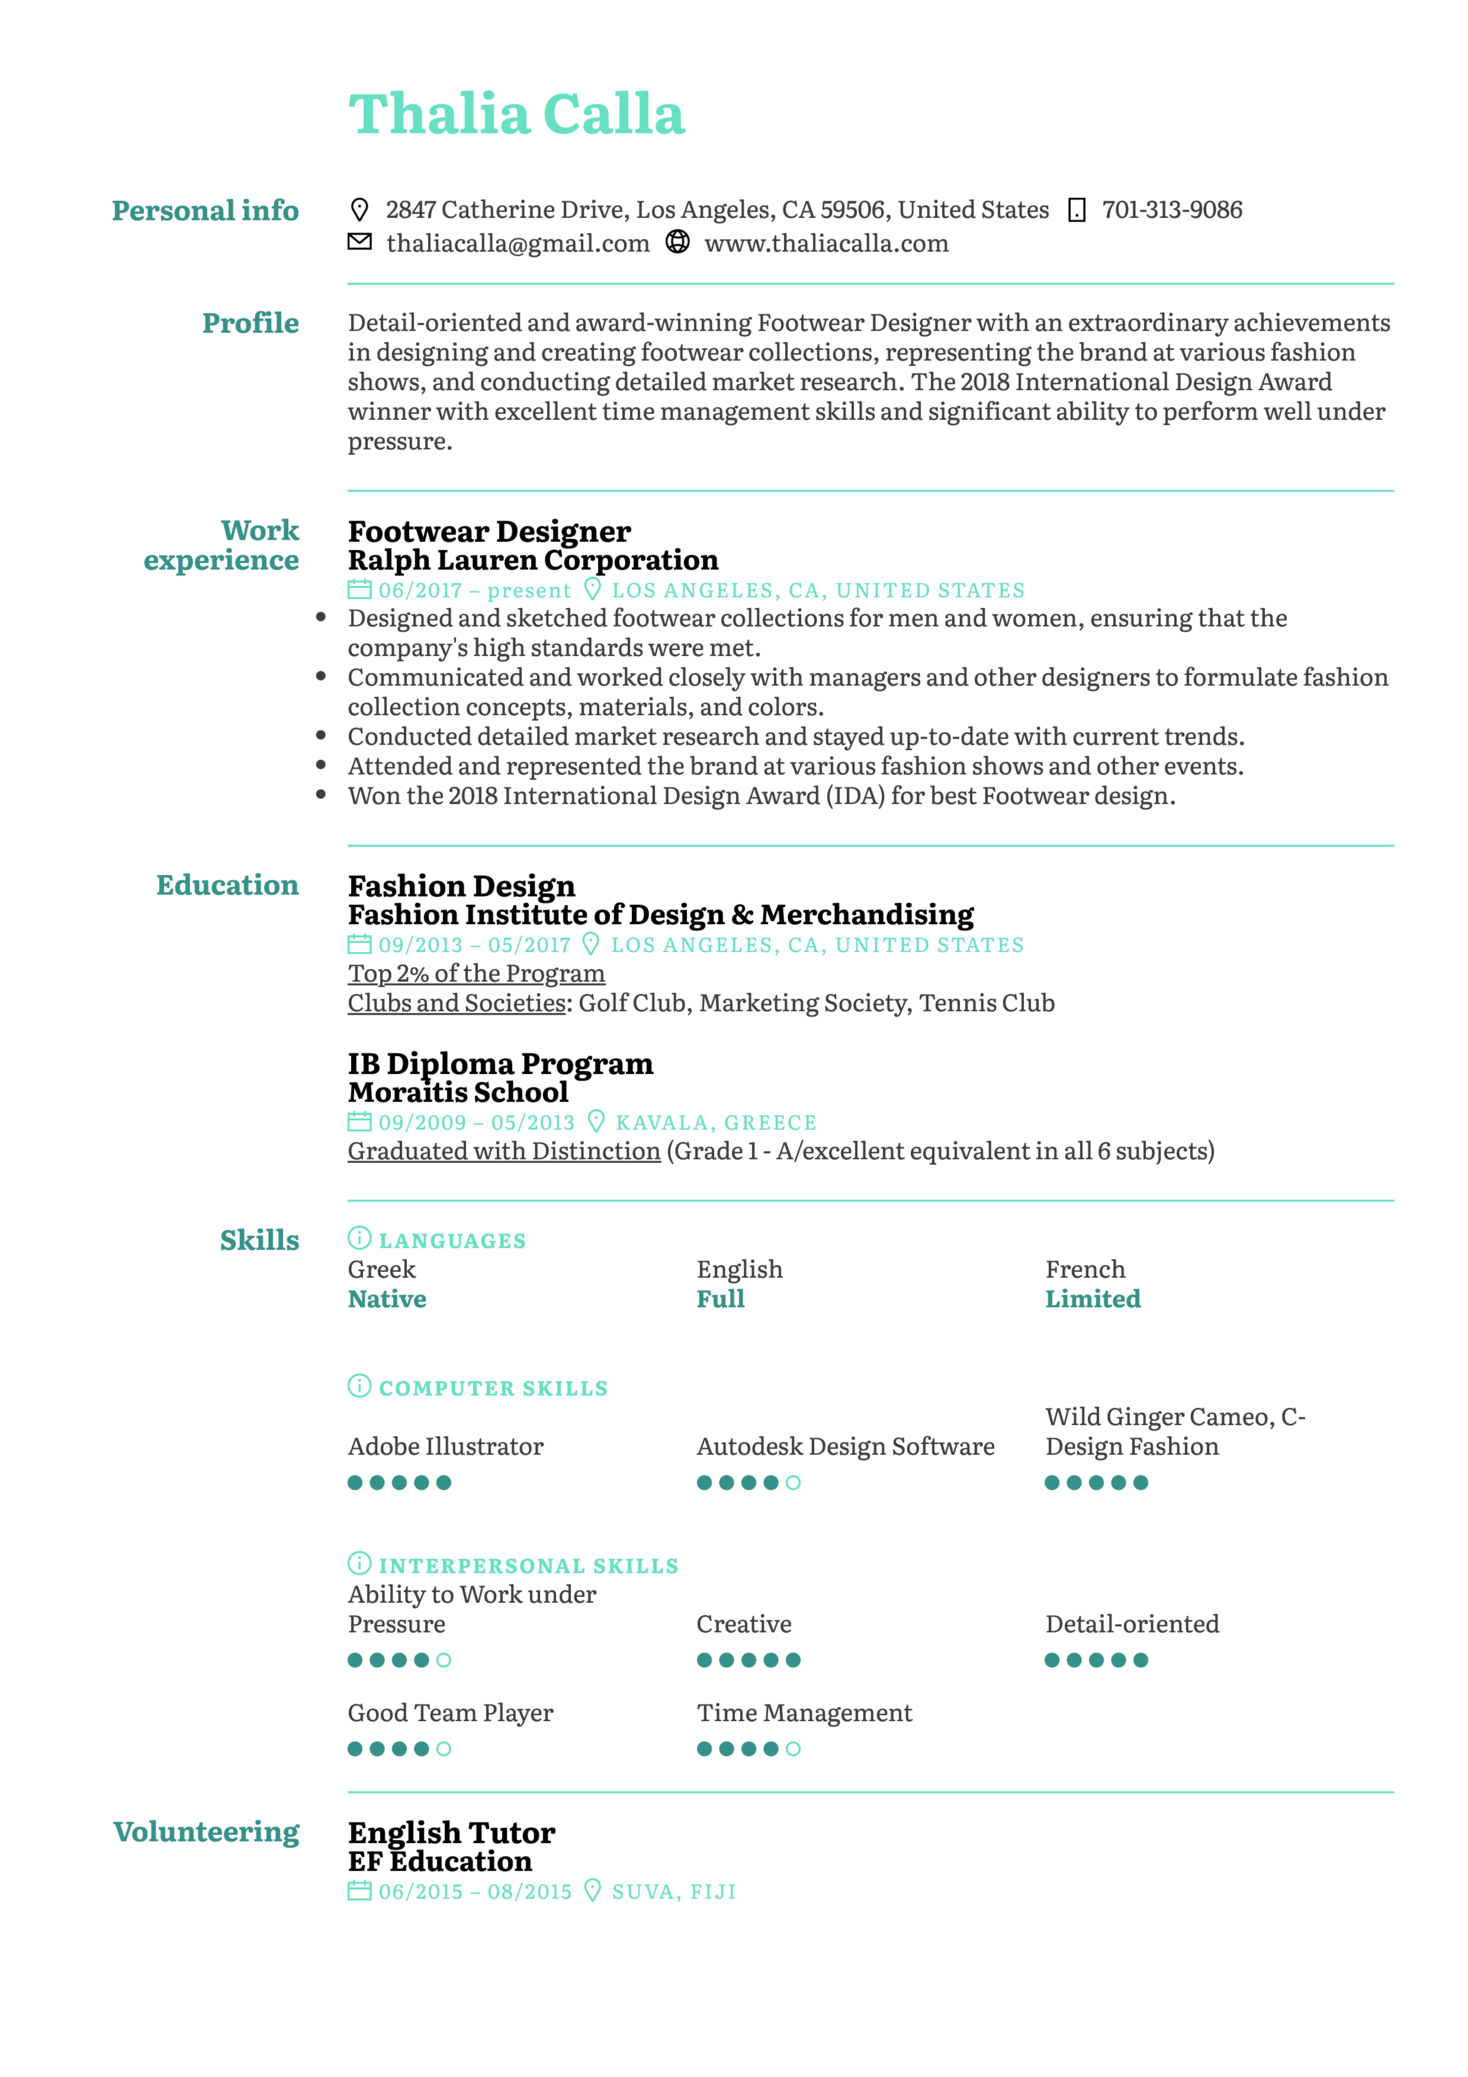 resume examples by real people  footwear designer resume sample